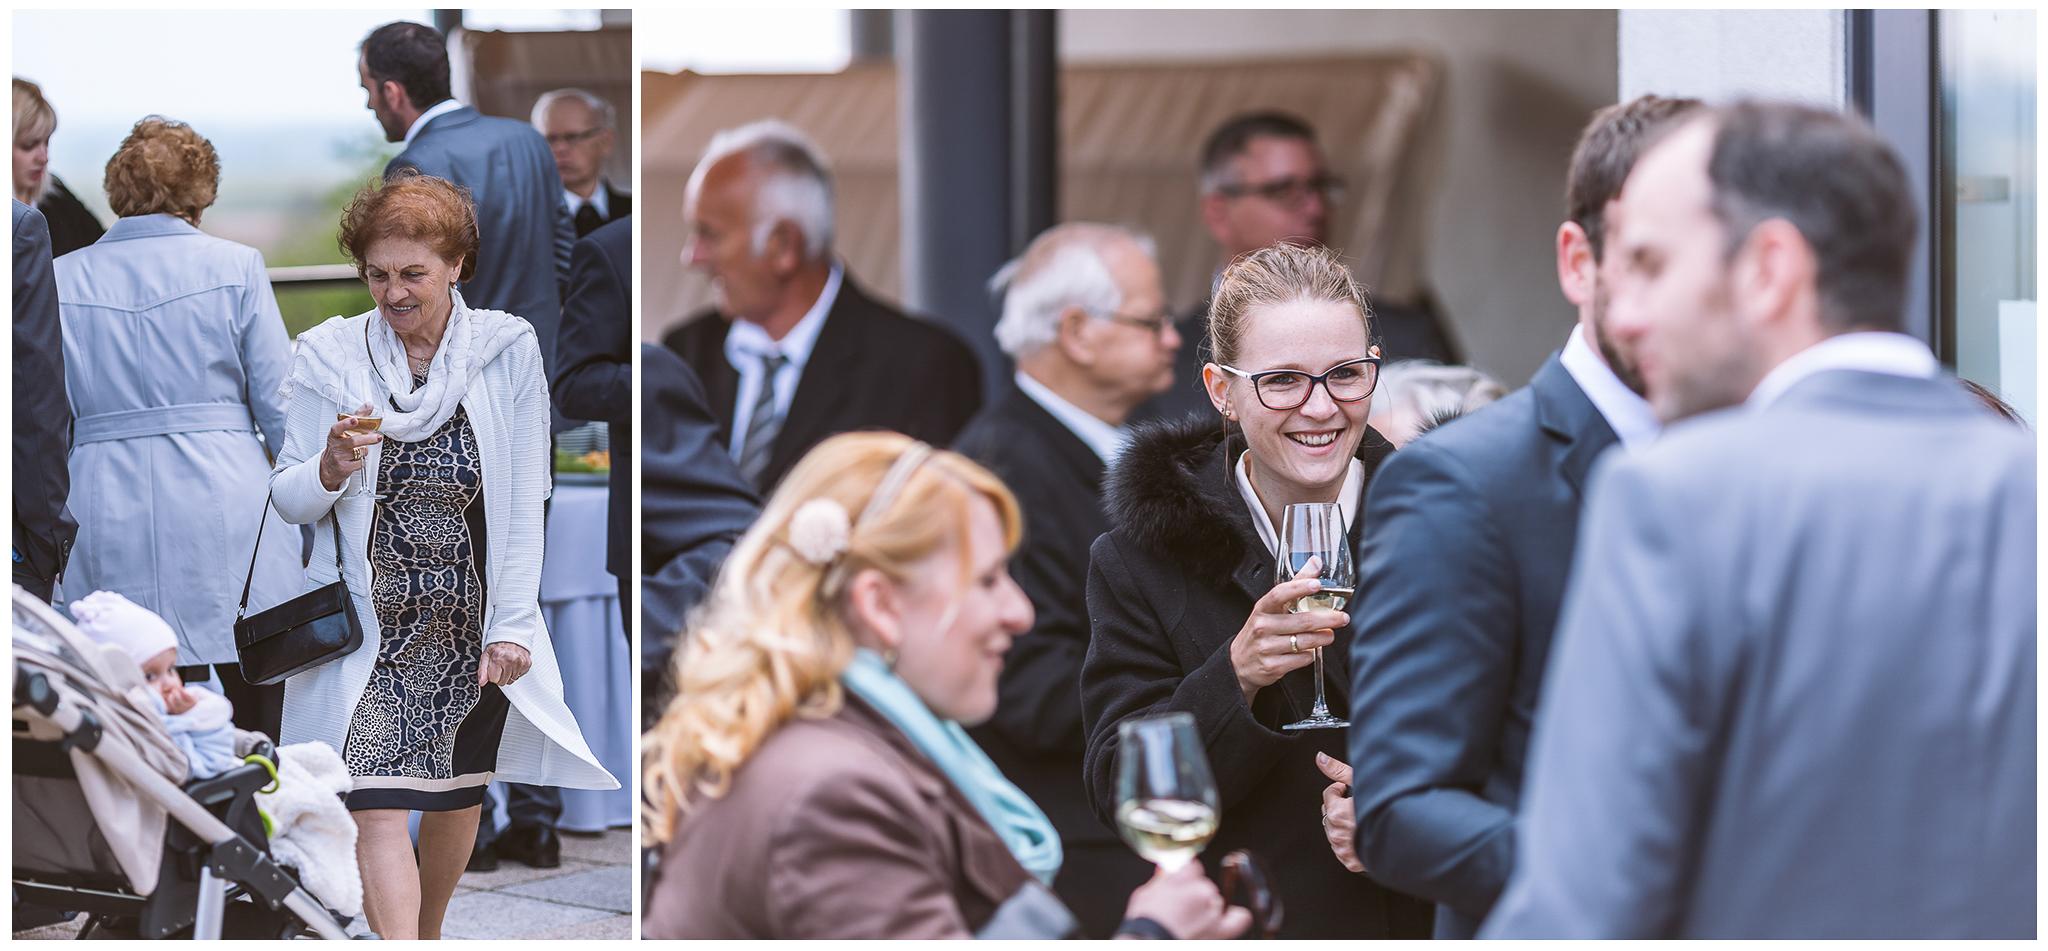 FylepPhoto, esküvőfotós, esküvői fotós Körmend, Szombathely, esküvőfotózás, magyarország, vas megye, prémium, jegyesfotózás, Fülöp Péter, körmend, kreatív, fotográfus_26.jpg